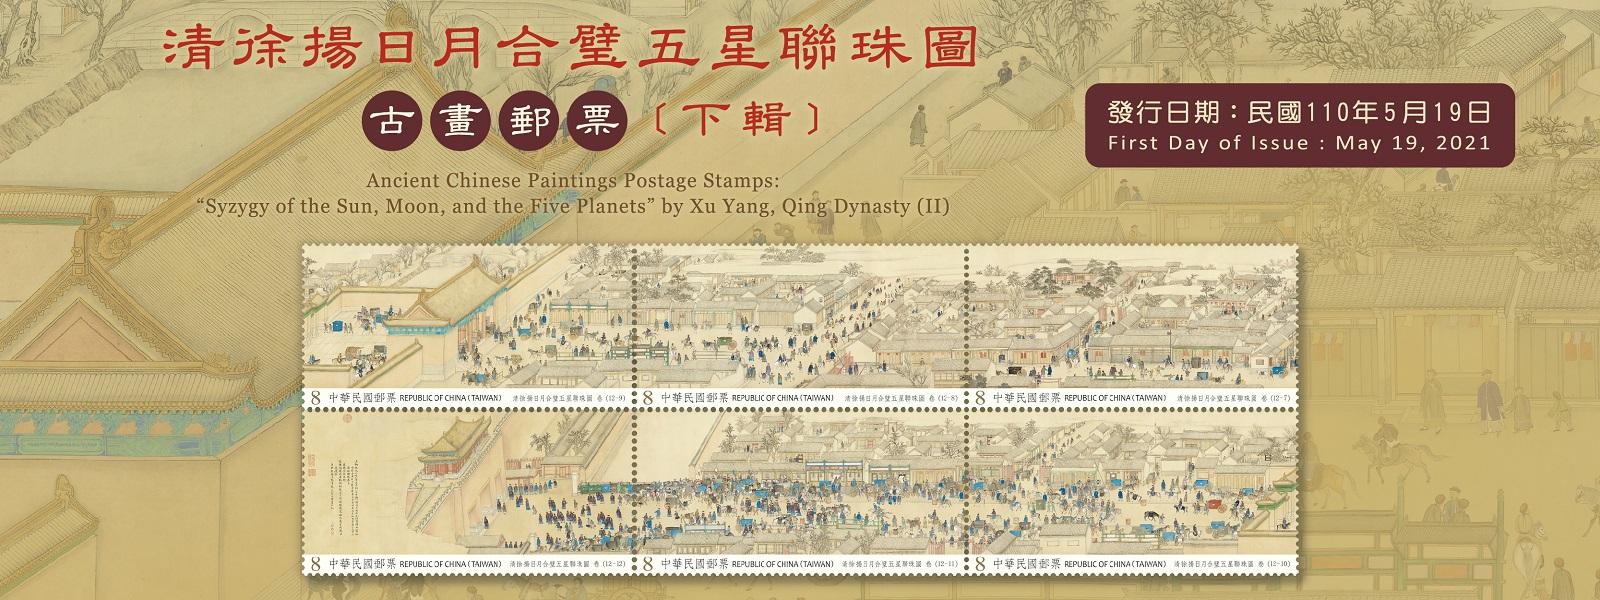 廣告連結:特699 清徐揚日月合璧五星聯珠圖古畫郵票(下輯)